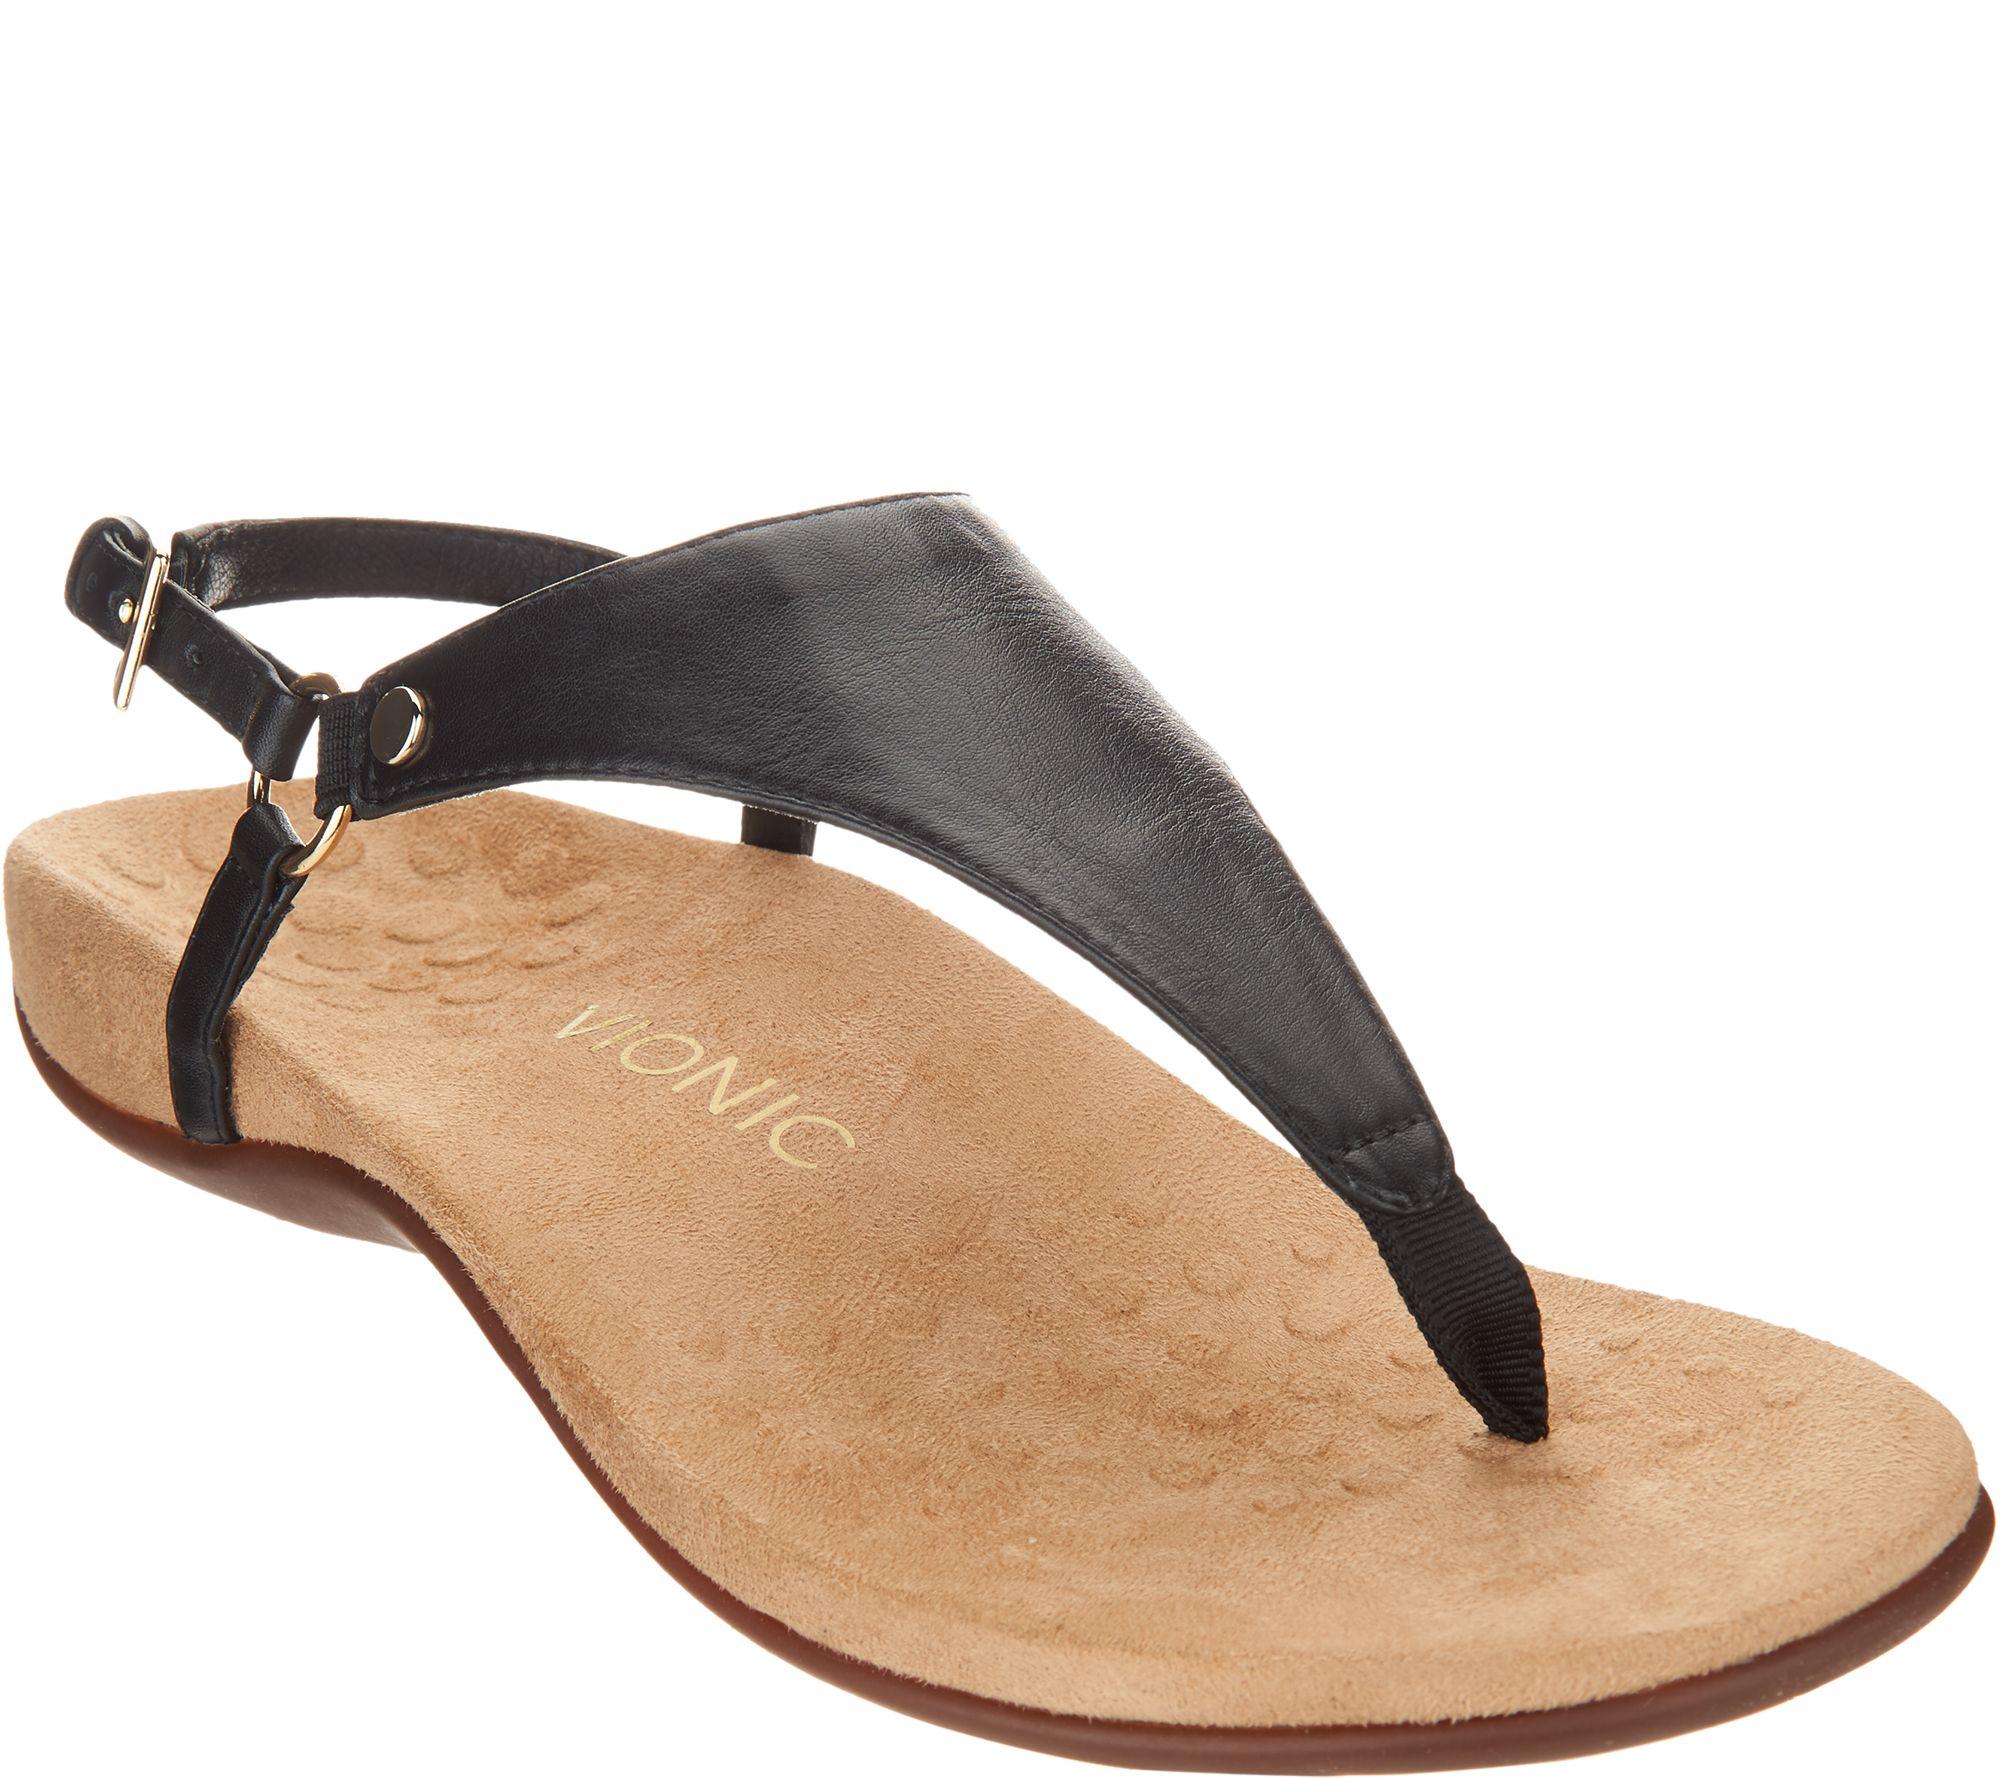 598d141e0661 Vionic Leather T-Strap Sandals - Kirra - Page 1 — QVC.com